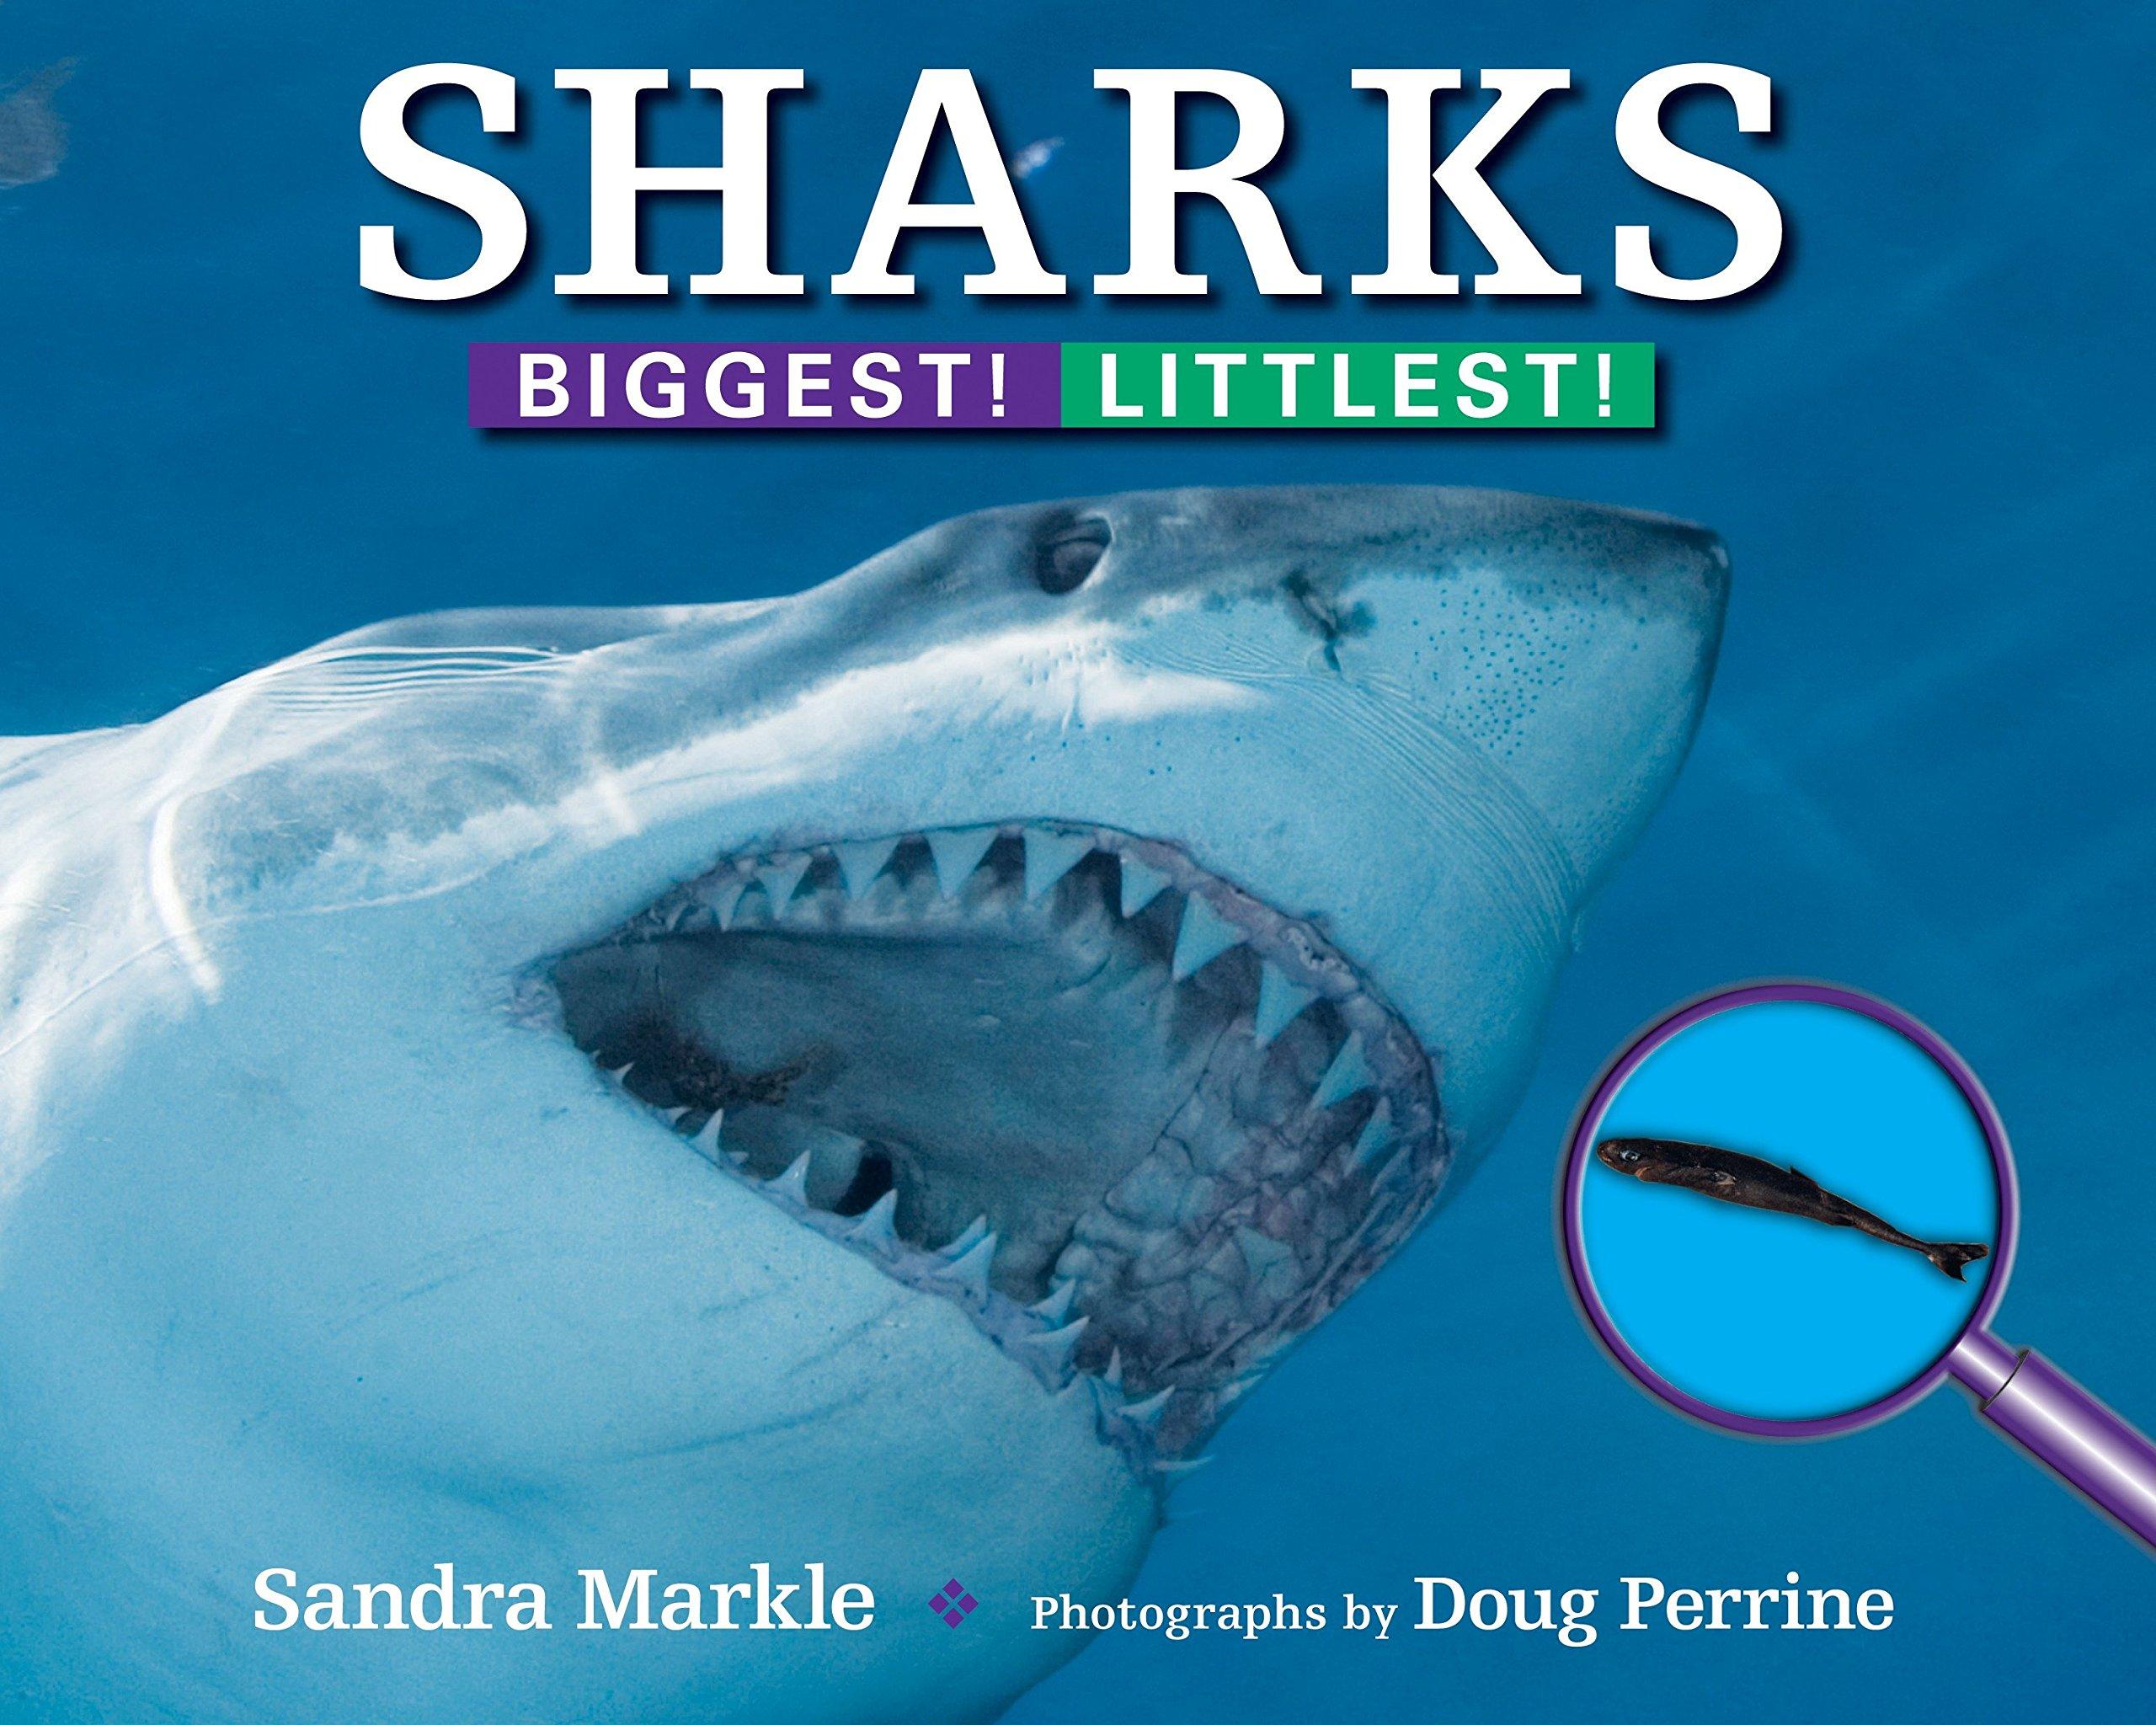 Sharks: Biggest! Littlest!